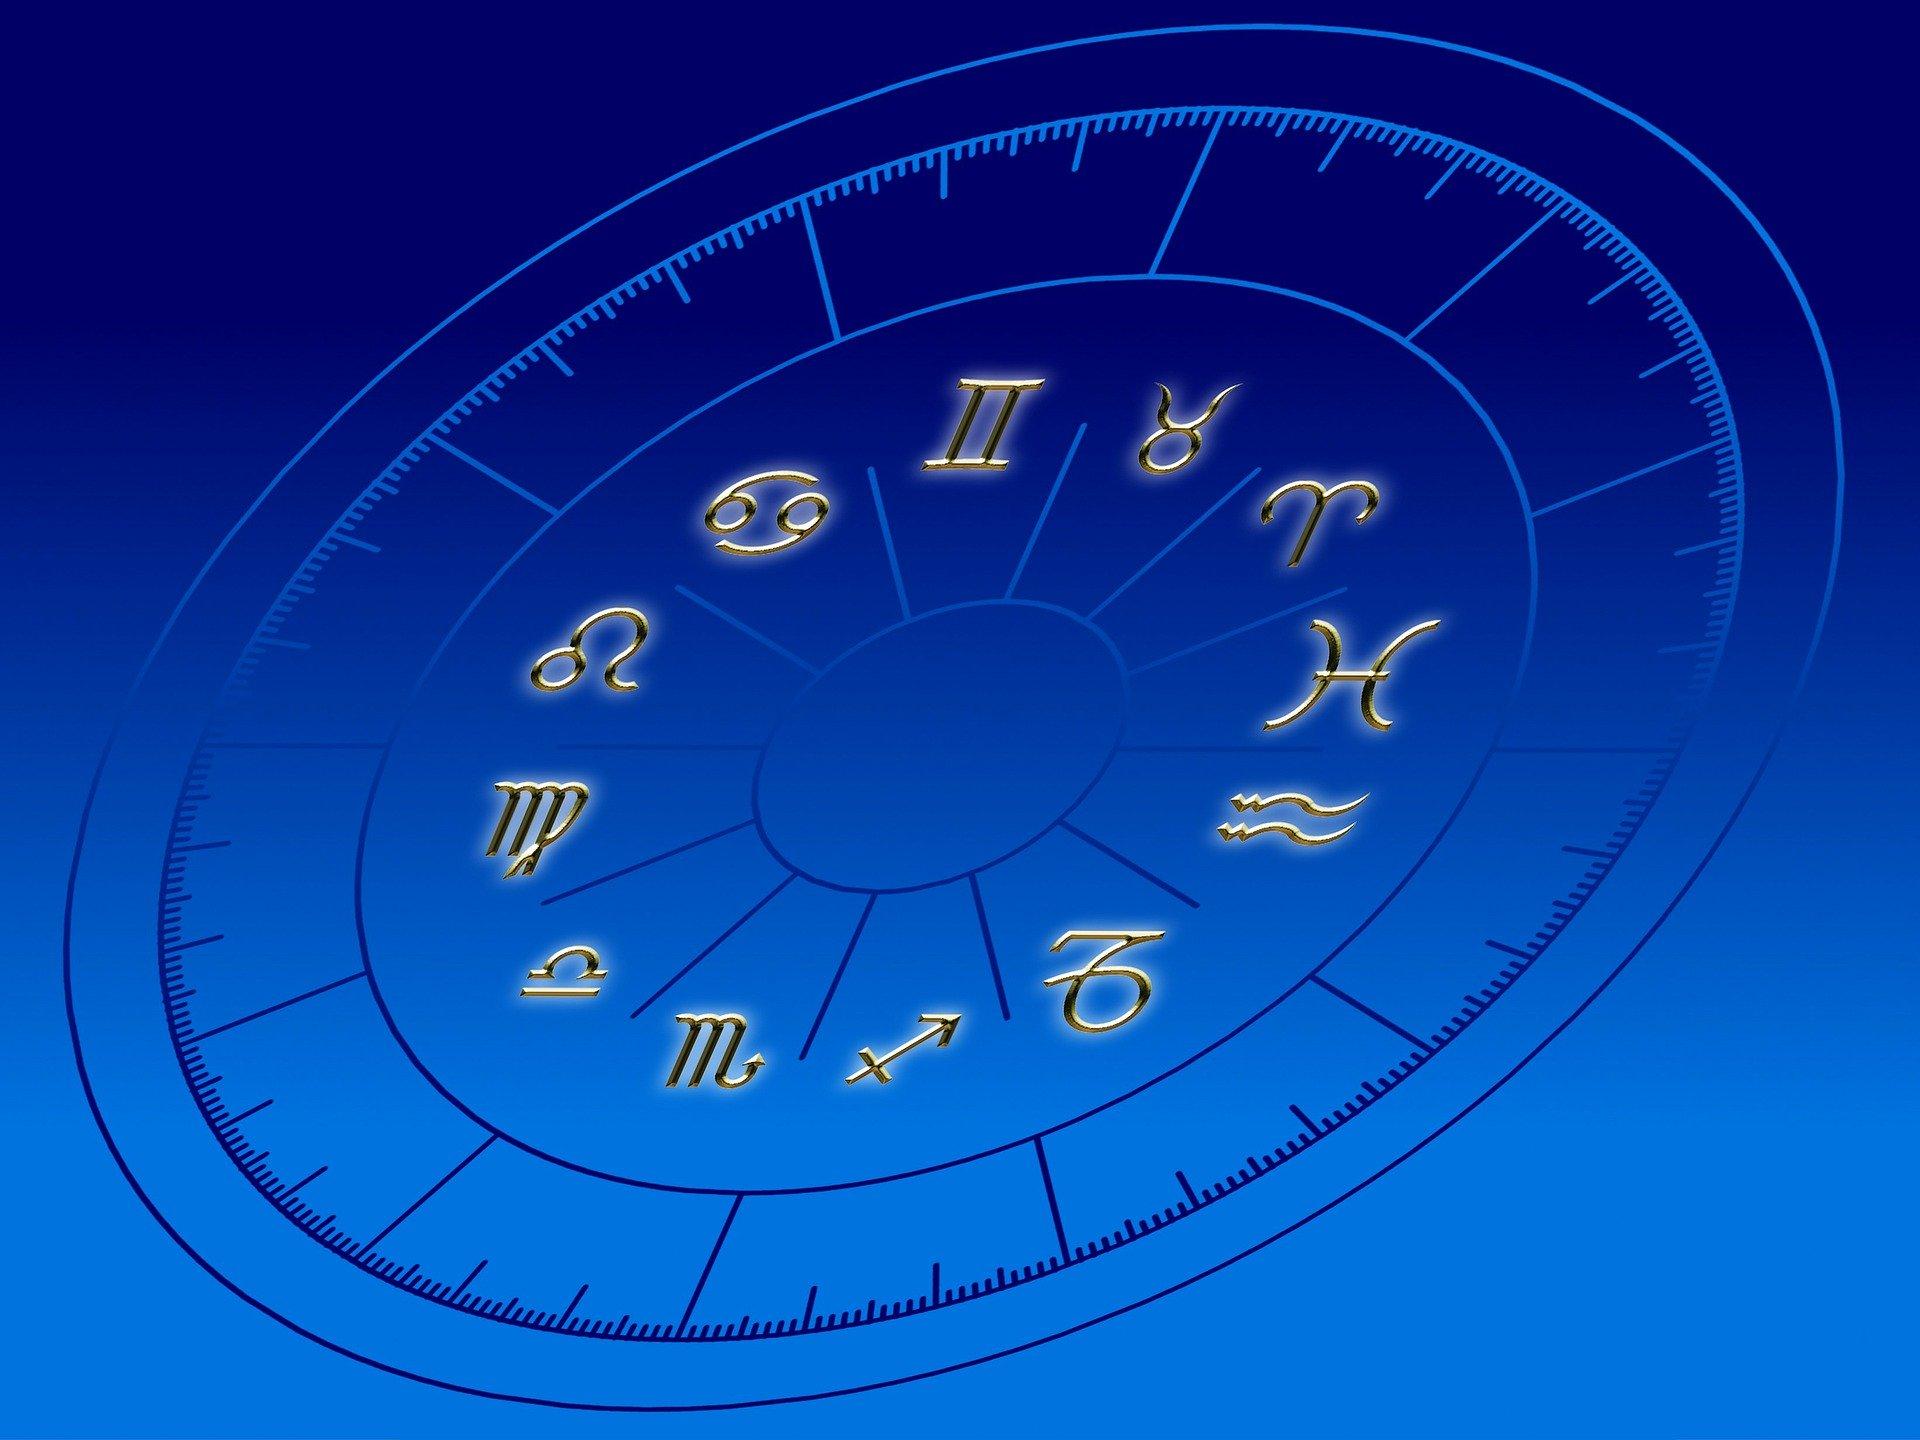 Μηνιαίες αστρολογικές προβλέψεις για τον Ιανουάριο 2020